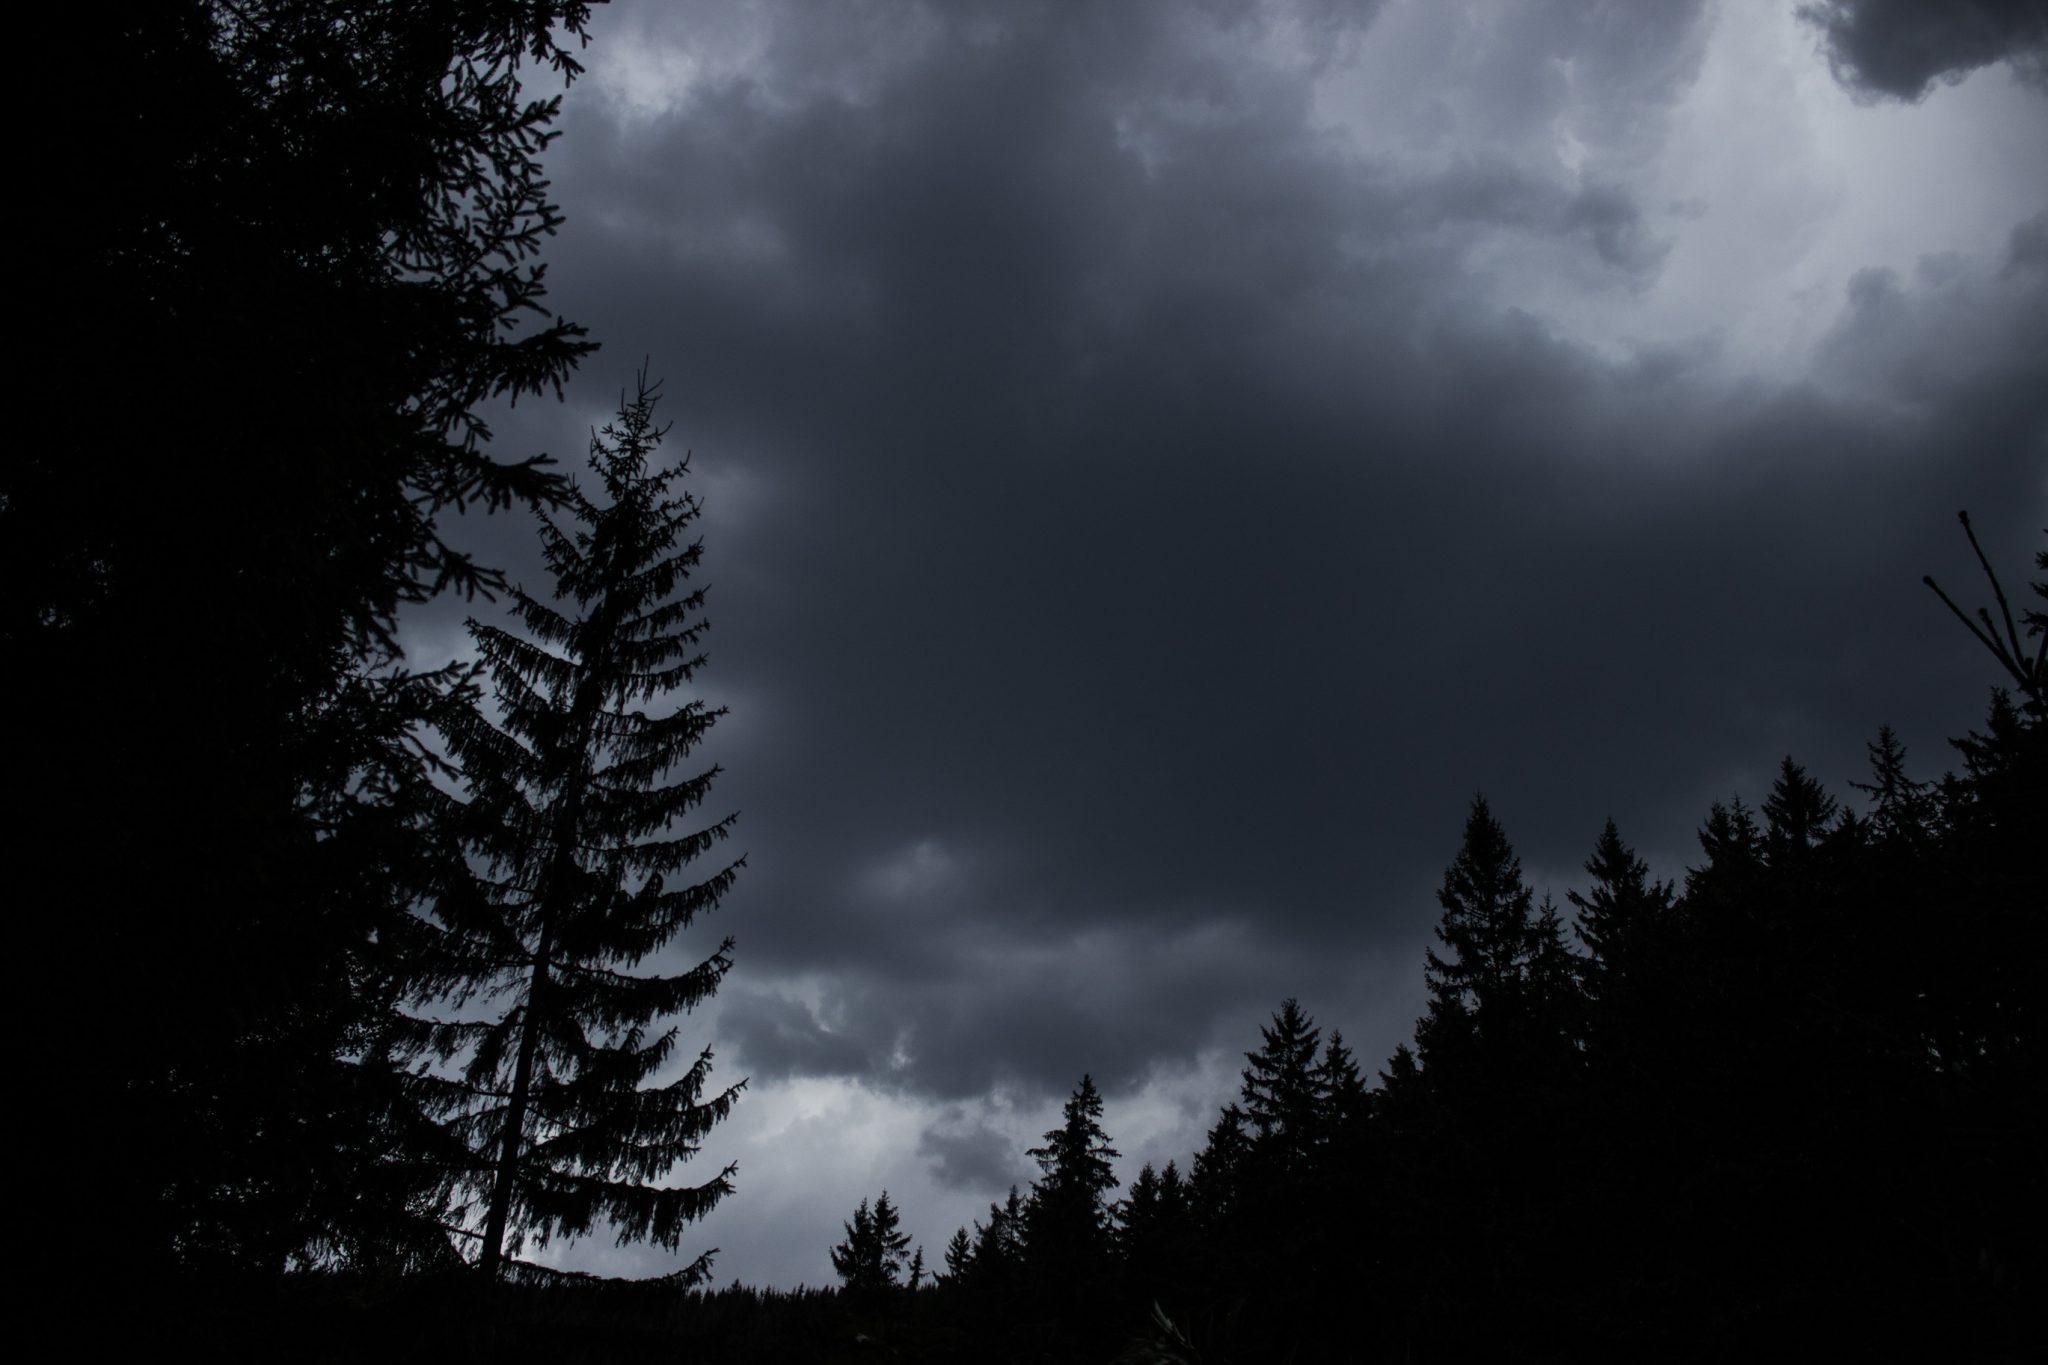 Großer Beerberg Schneekopf und Teufelskanzel, Gipfeltour Wanderung im Thüringer Wald, Unwetter zieht auf